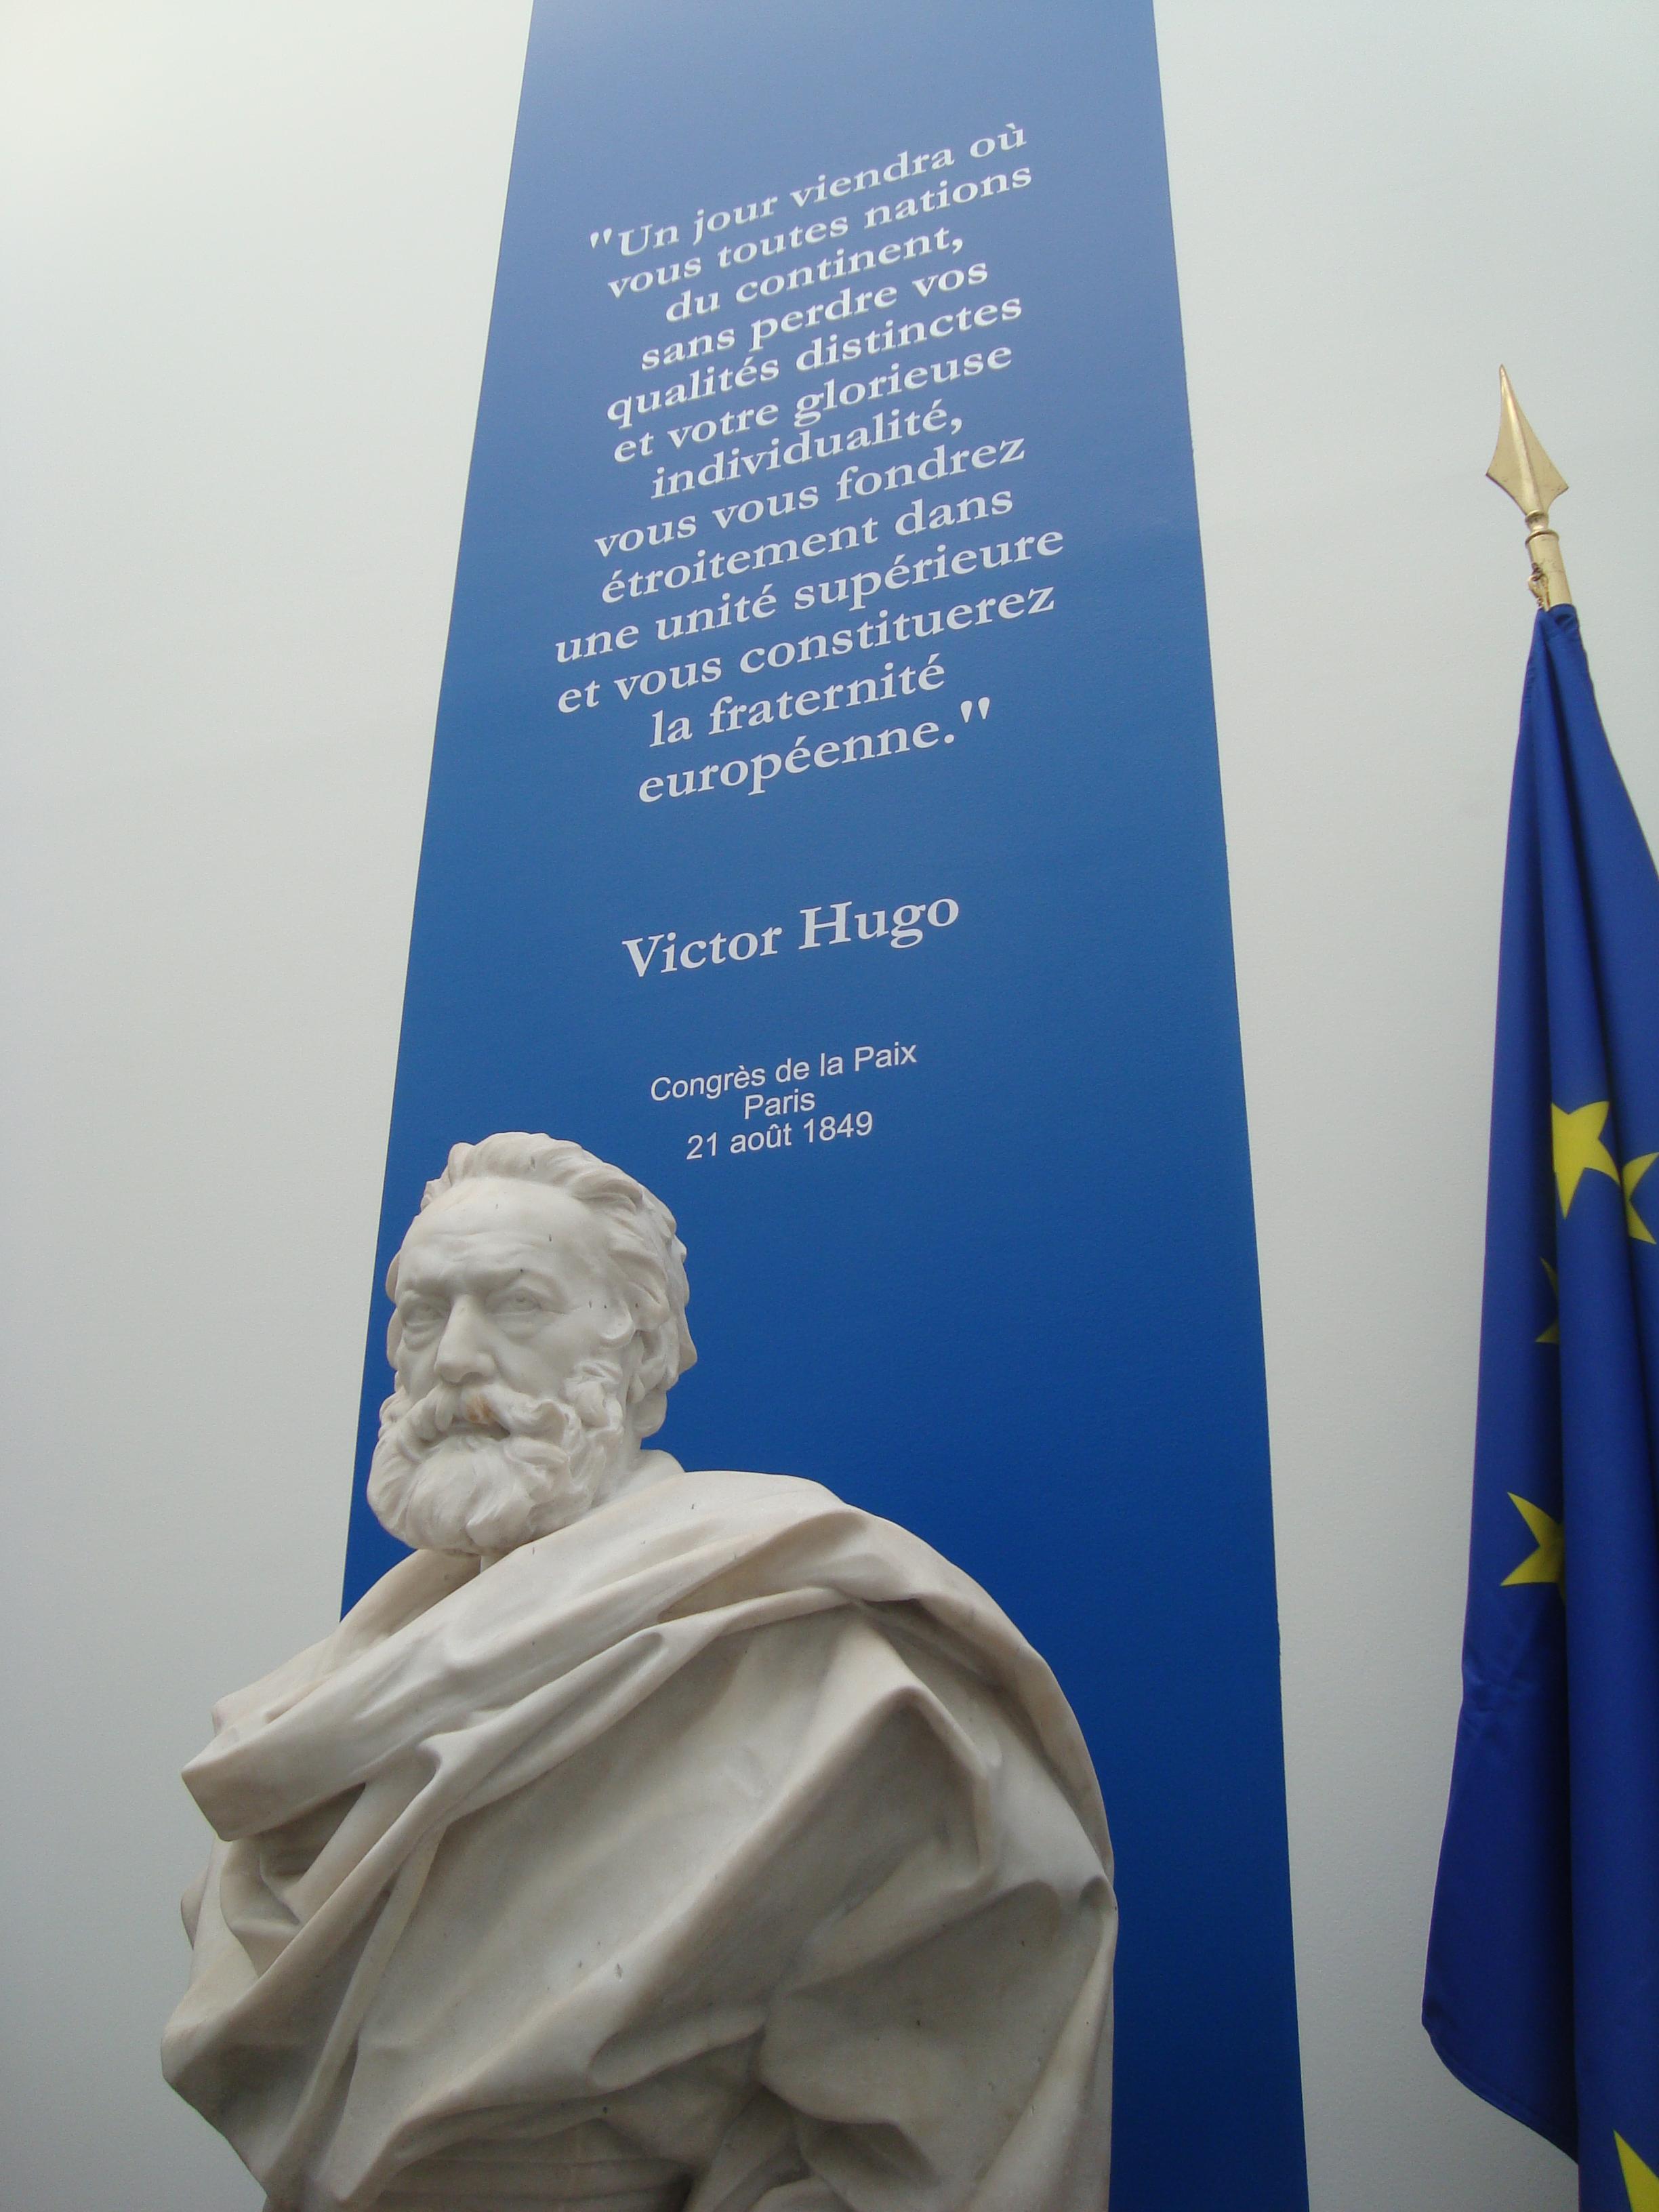 Busto de Hugo en la Asamblea Nacional francesa con un extracto de su discurso de 1849.